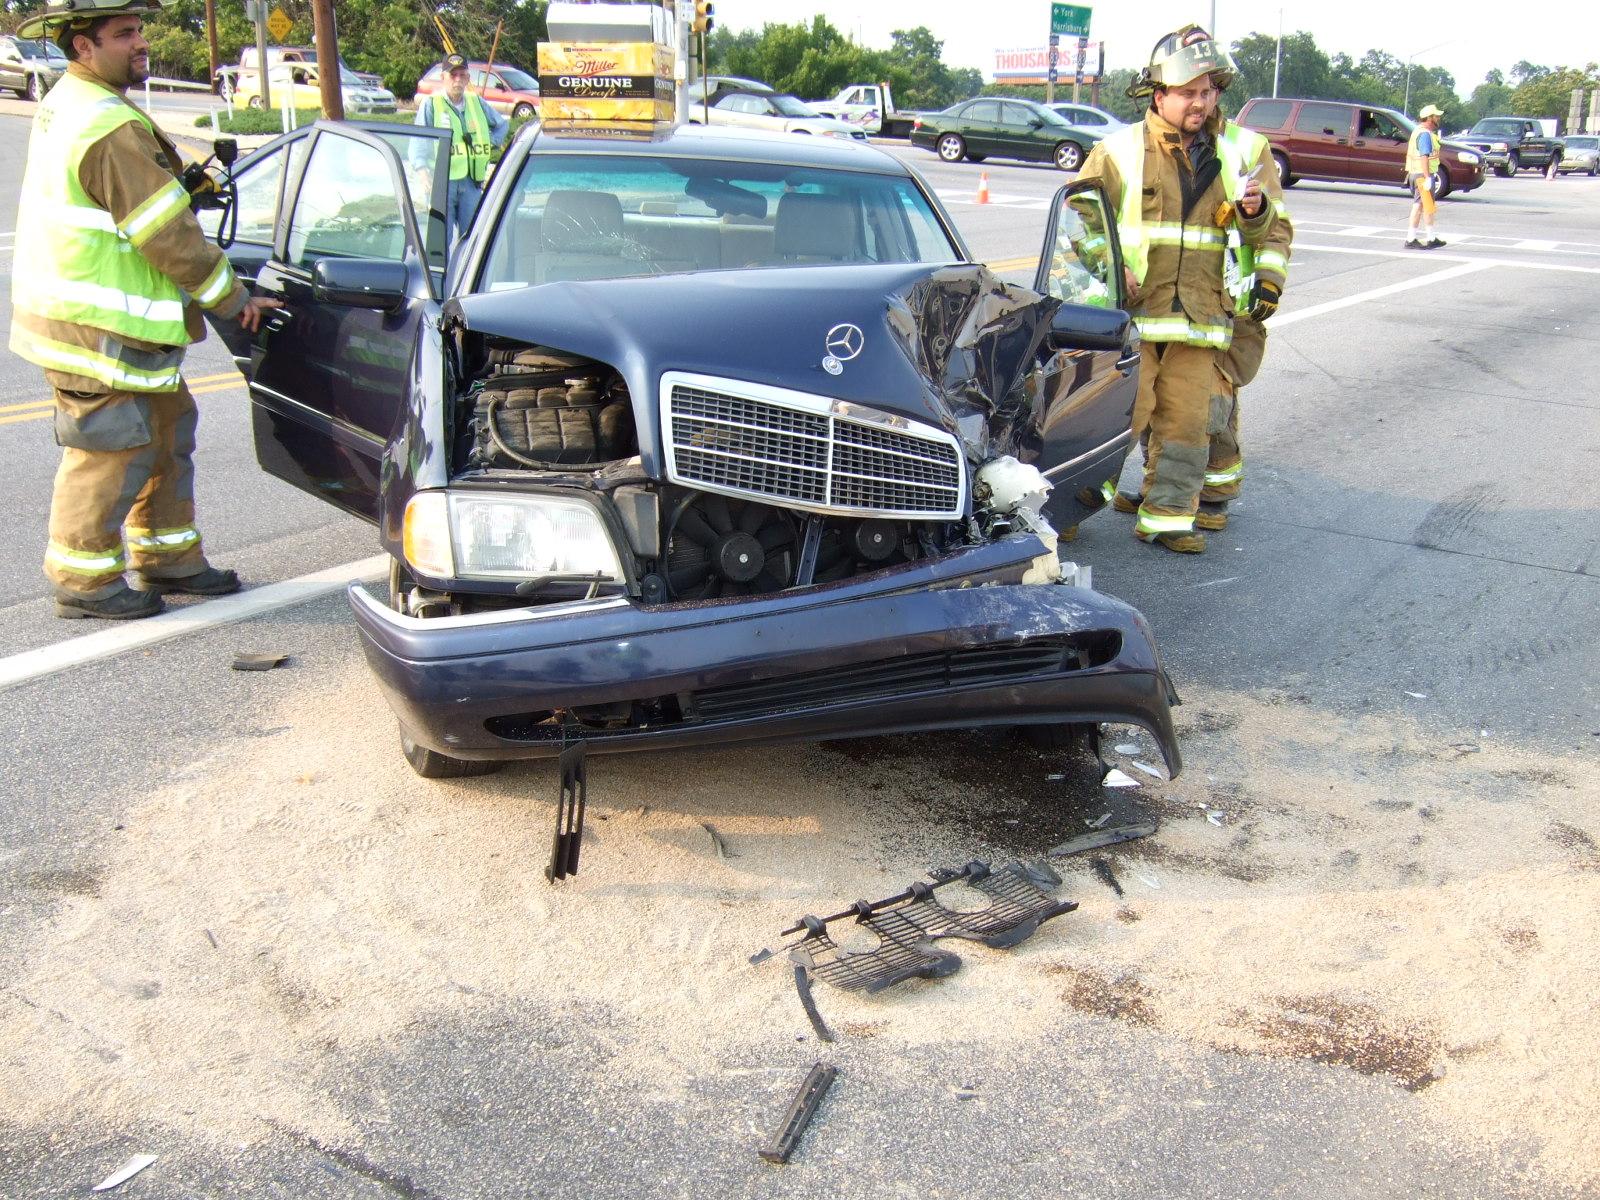 2007 Auto Accidents